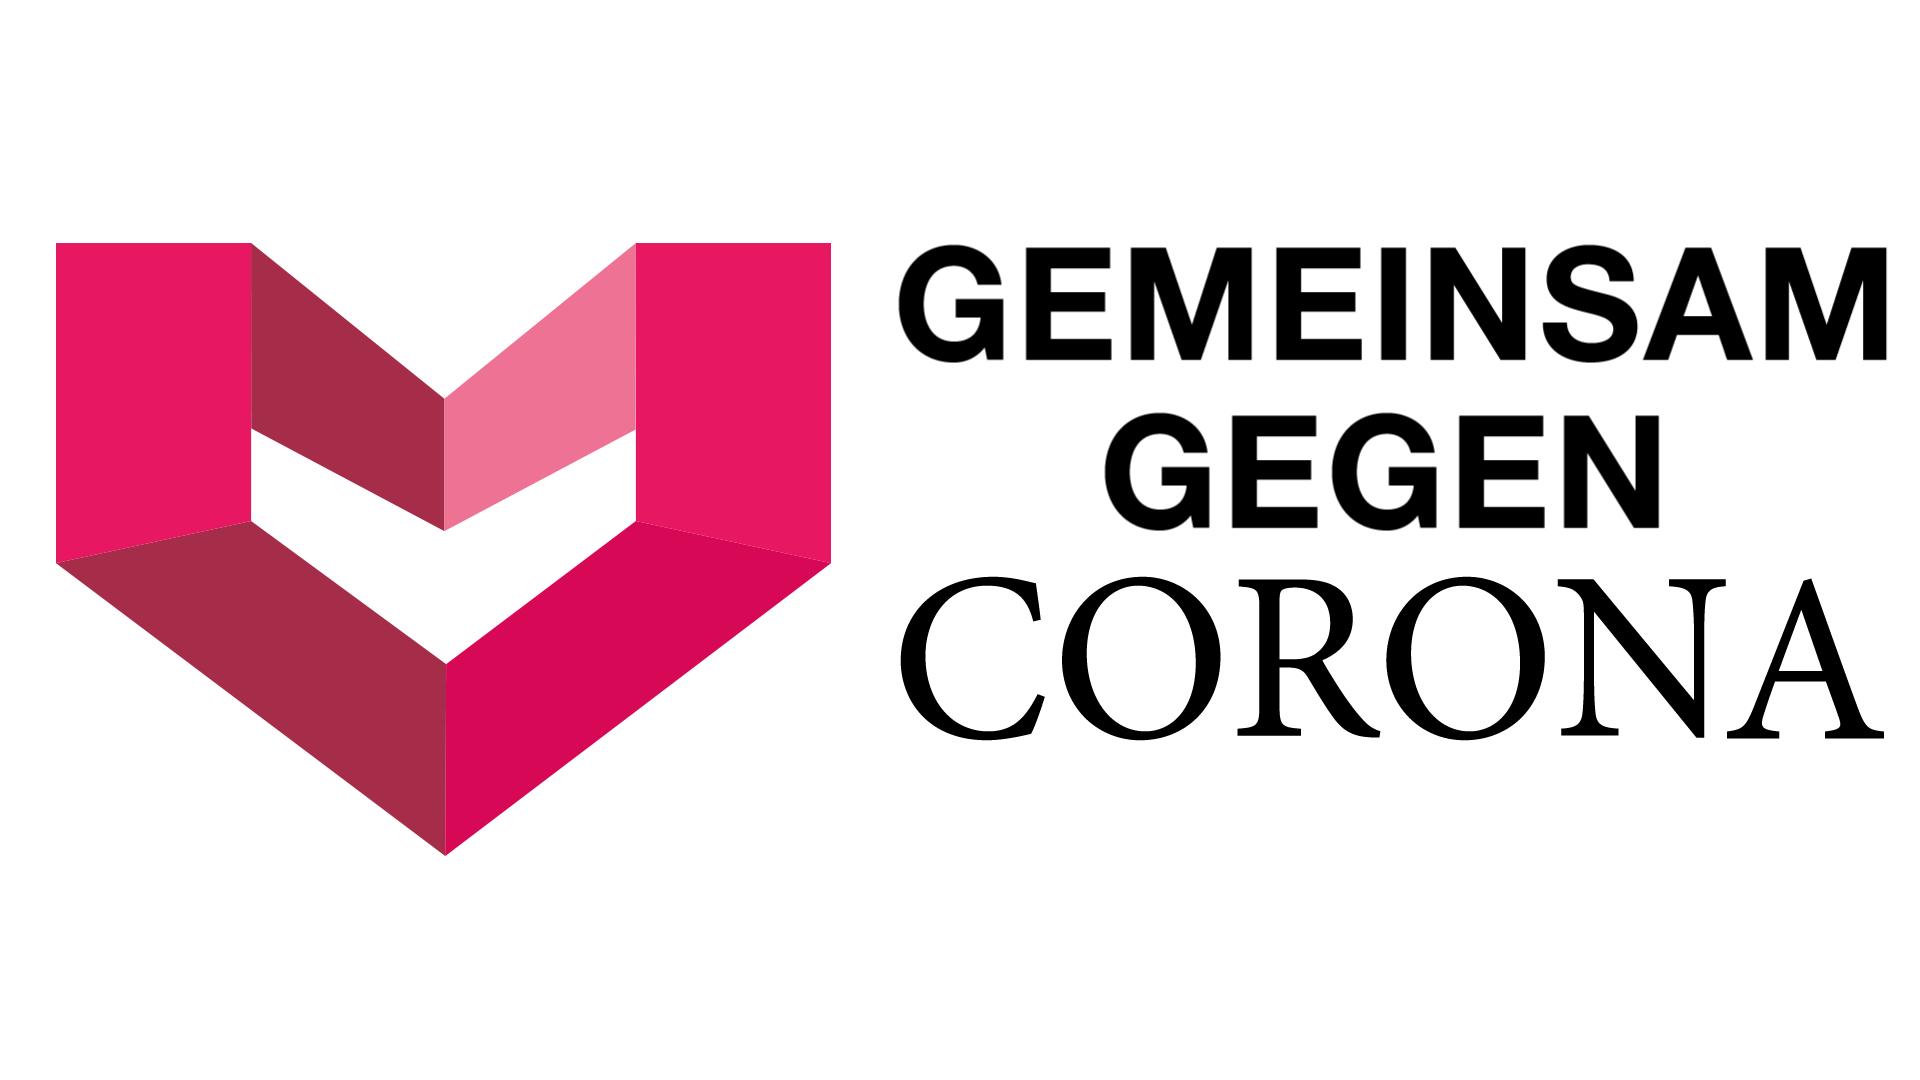 ▷ GEMEINSAM GEGEN CORONA - Bertelsmann Content Alliance setzt Zeichen im gemeinsamen ... | Presseportal